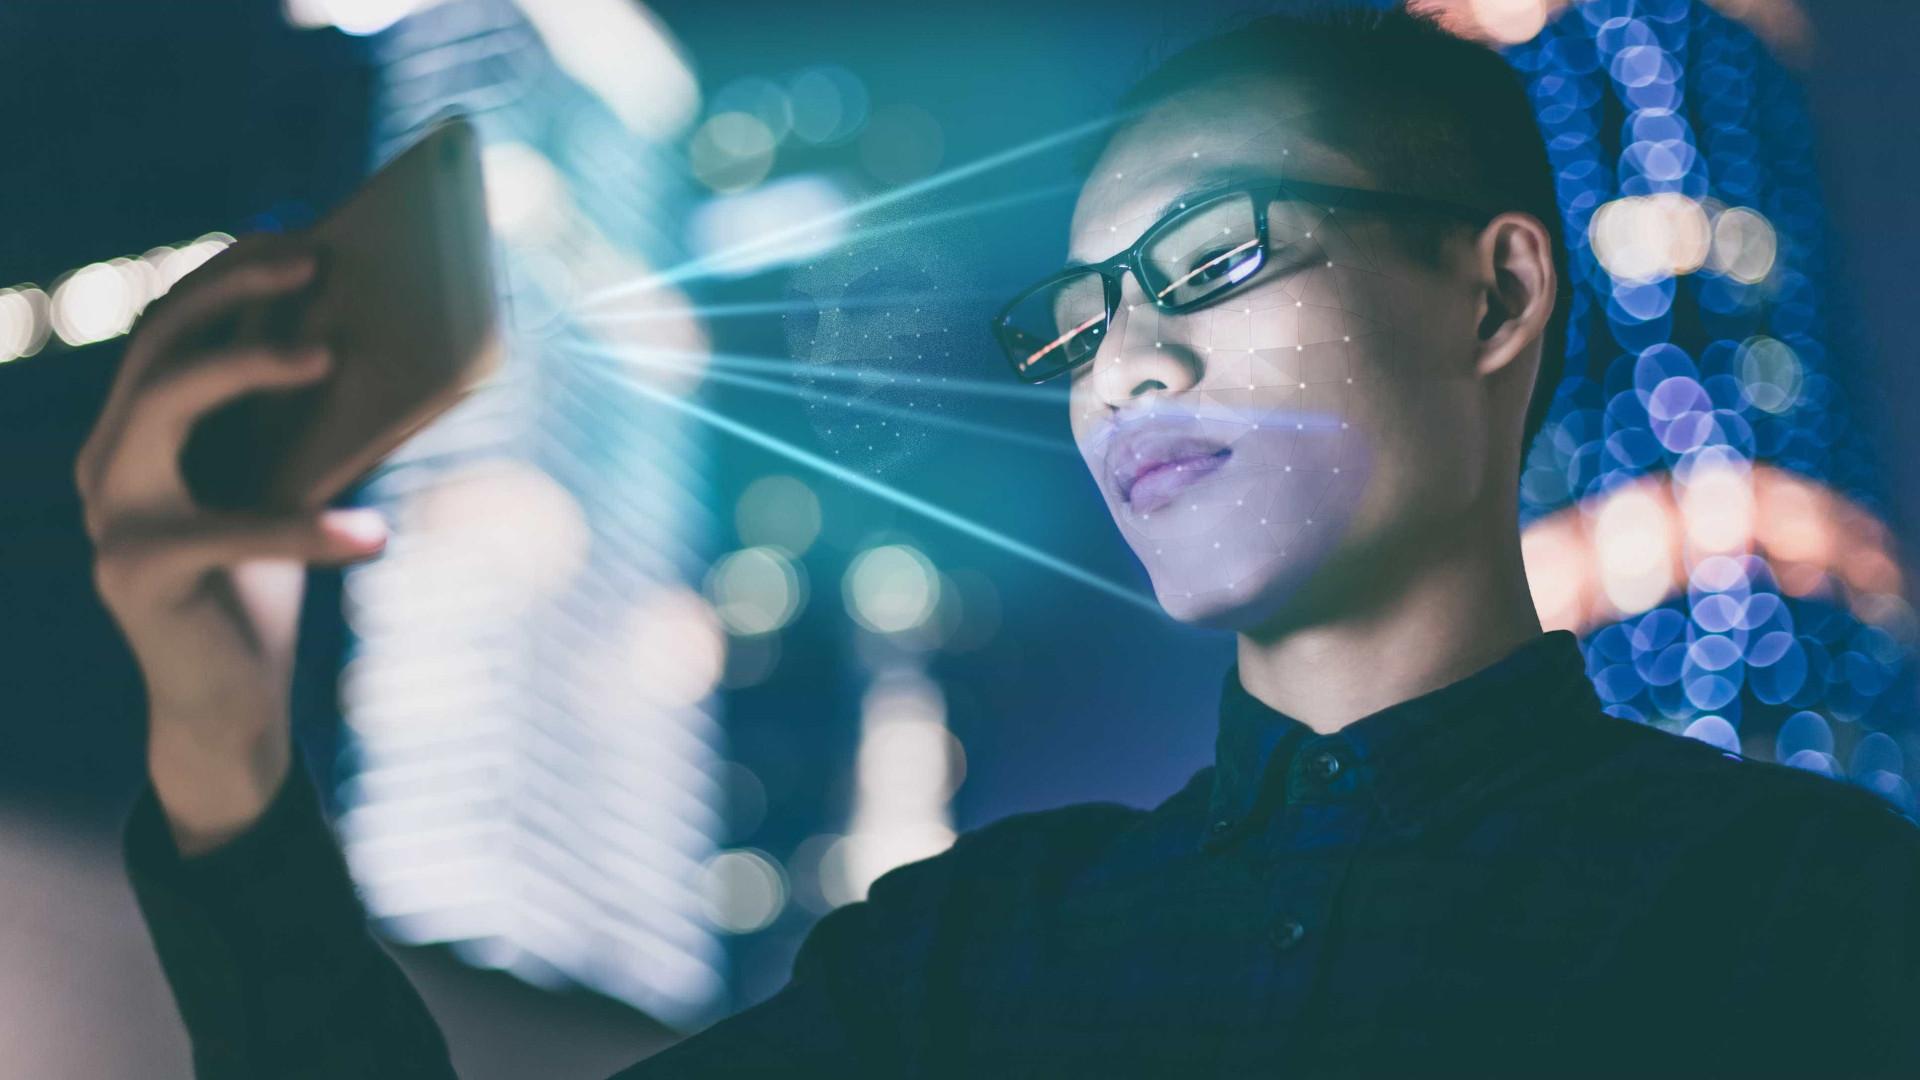 Tecnologias de reconhecimento facial se popularizam e levantam debate